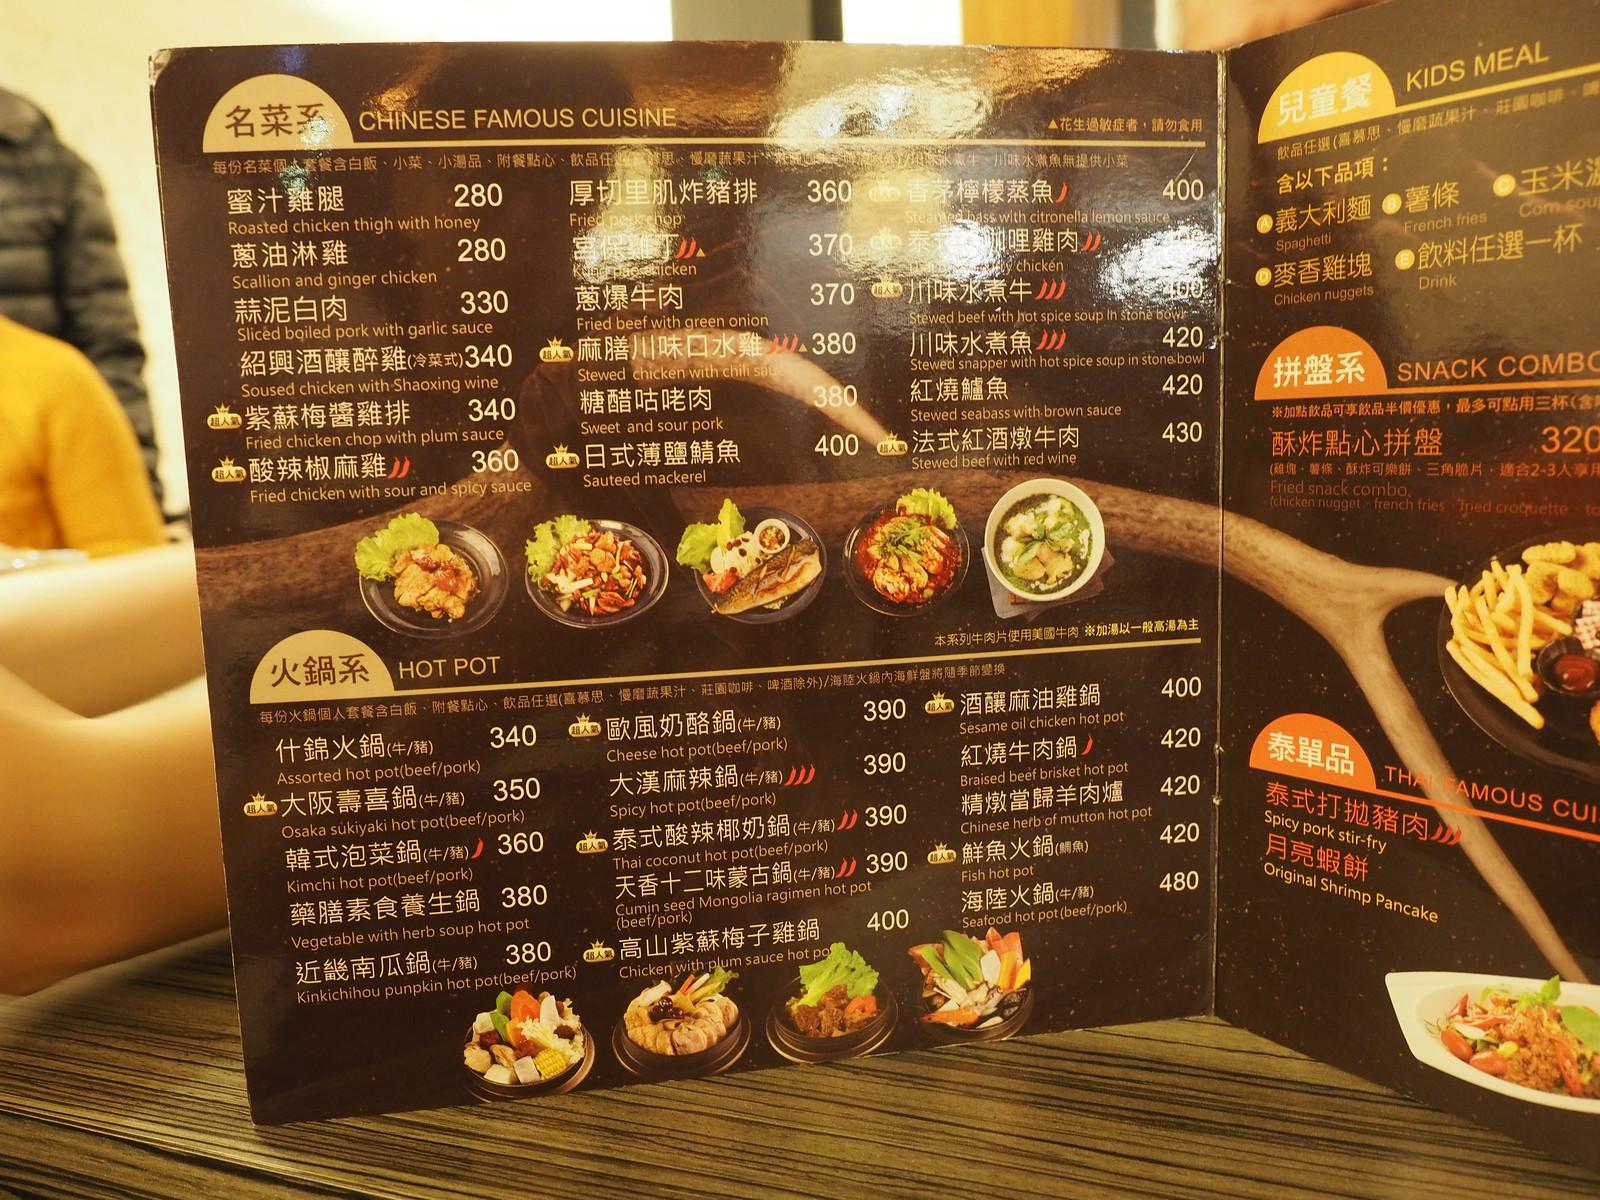 EZ.KON Restaurant's Chinese Famous Cuisine and Hot Pot